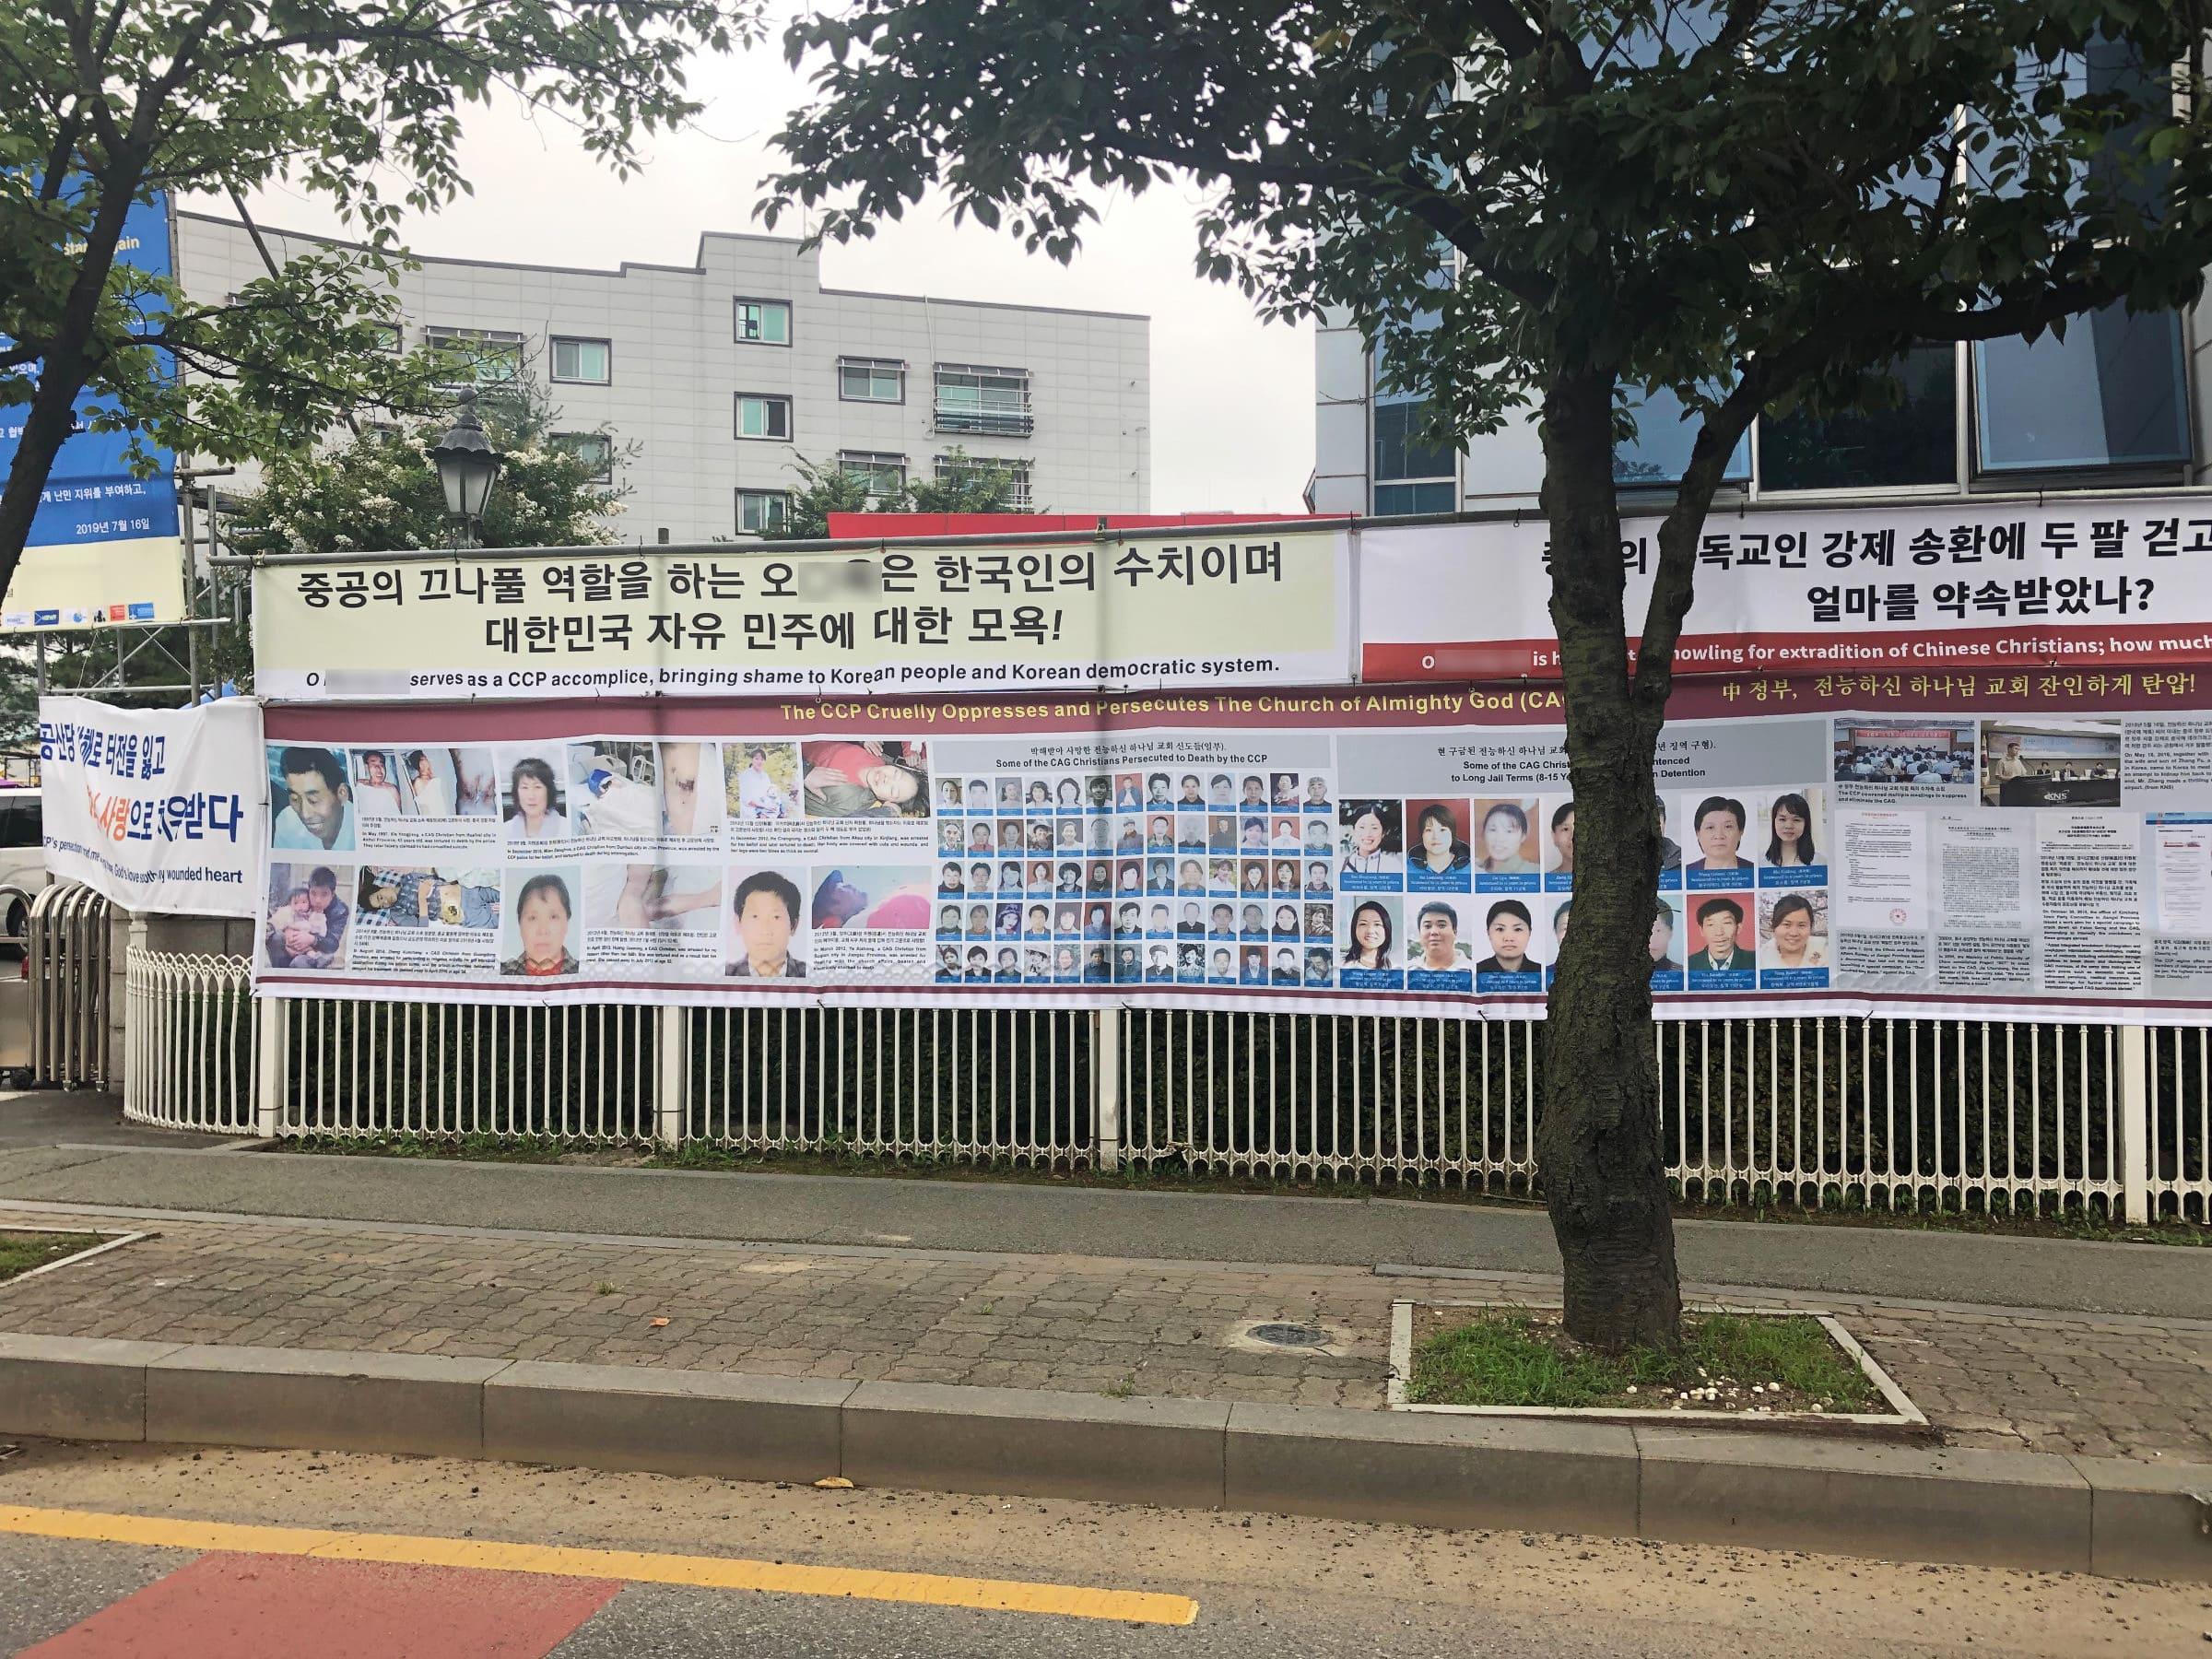 吴O玉充当中共的帮凶,是韩国人民的耻辱,是羞辱韩国的民主主义制度!